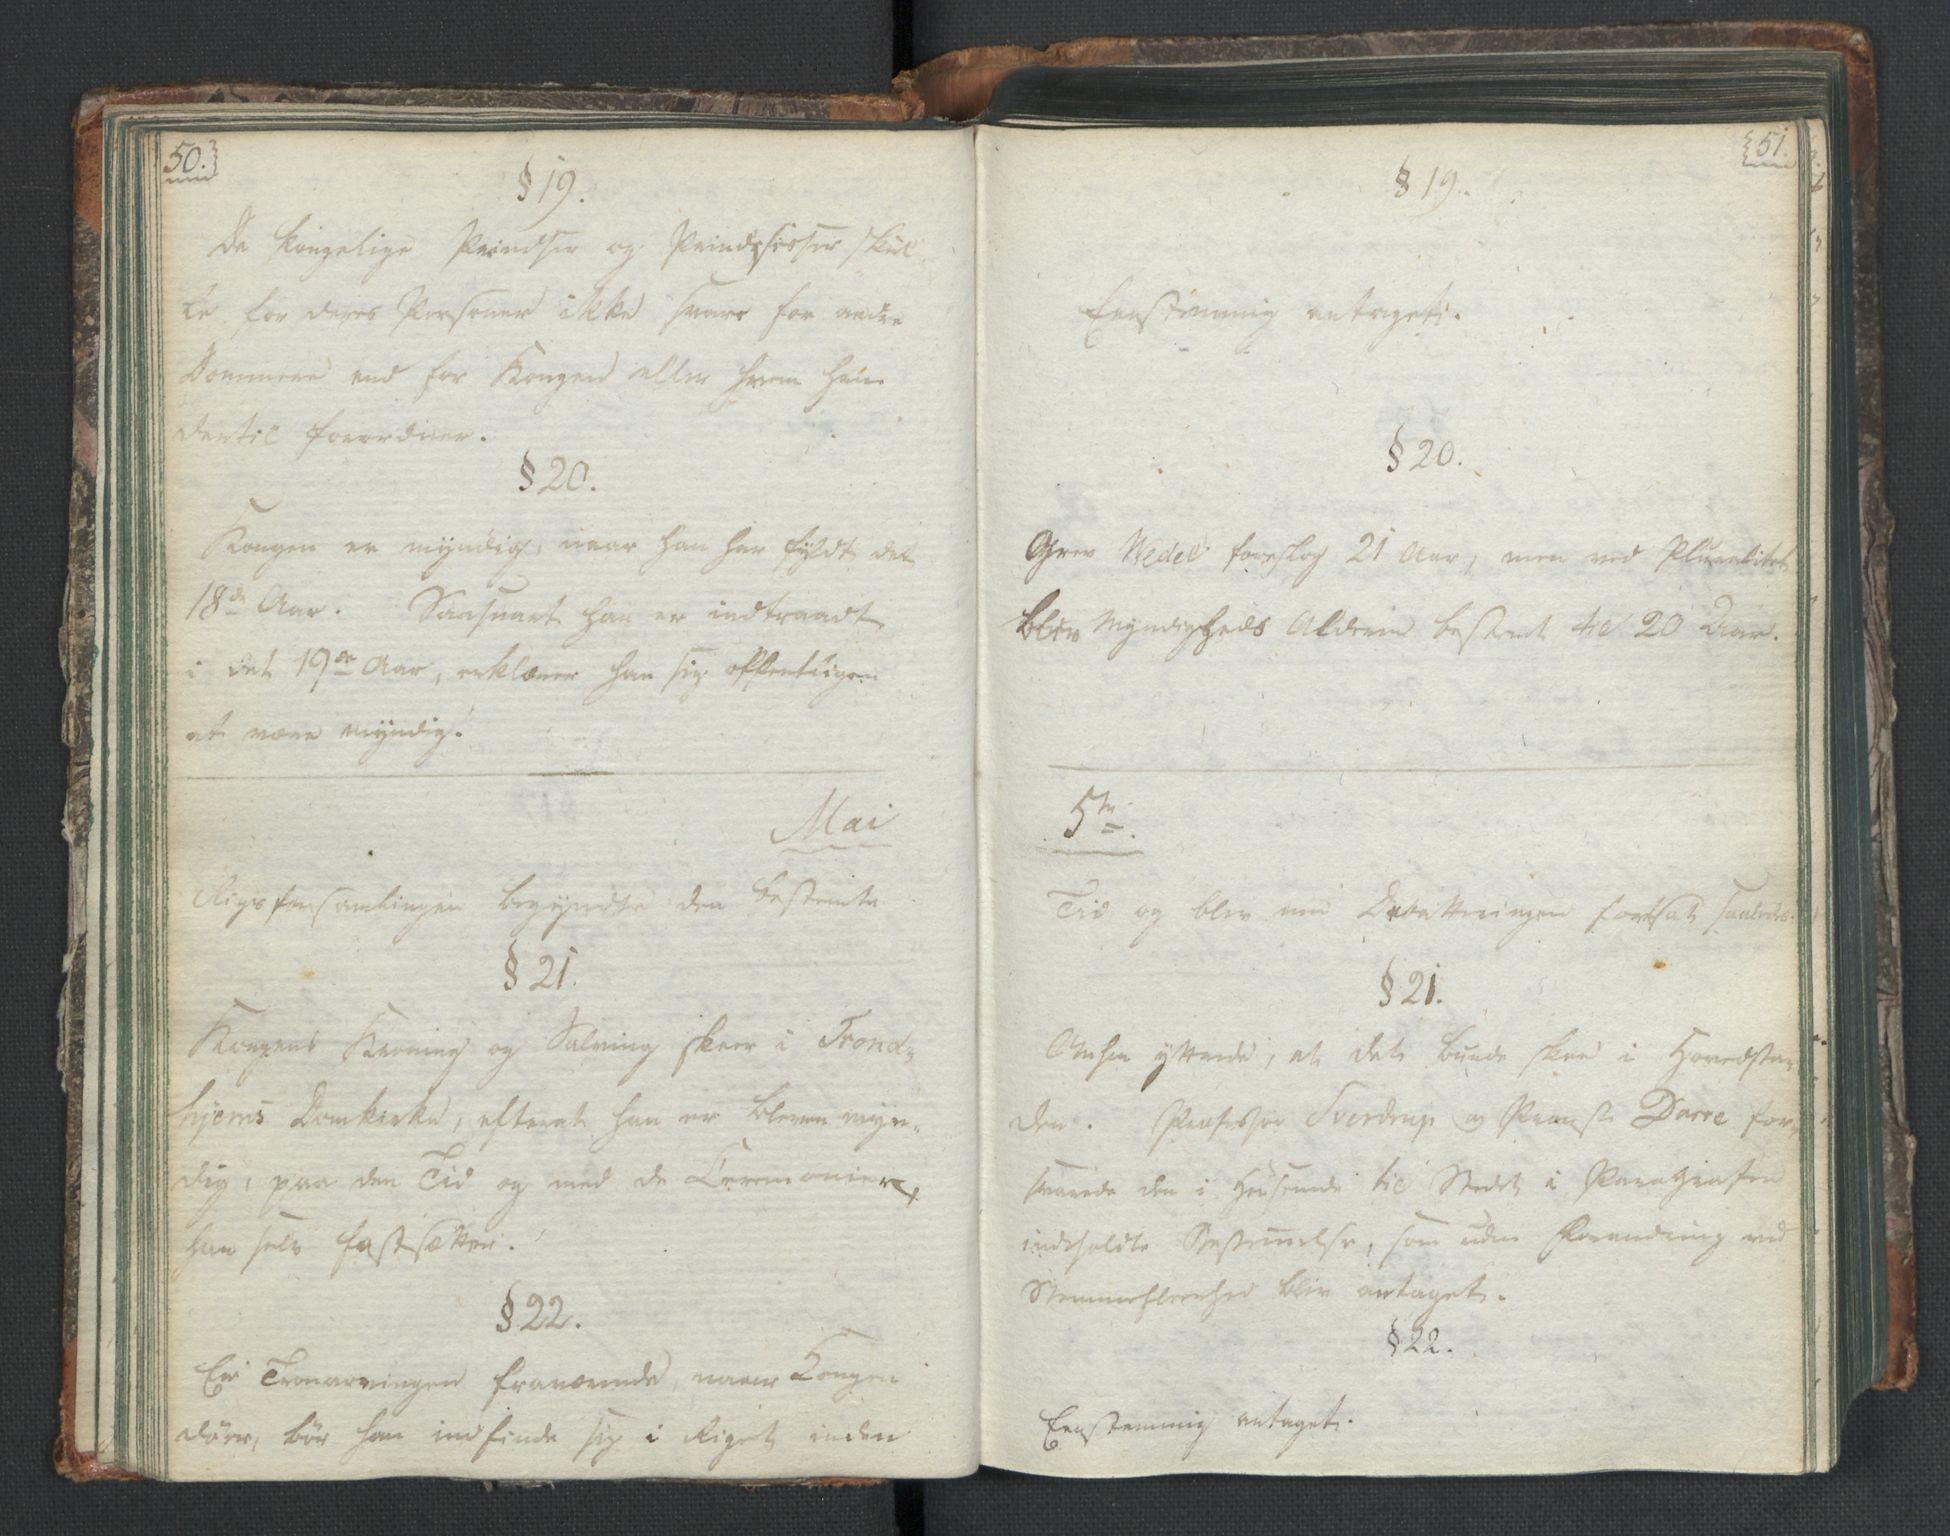 RA, Manuskriptsamlingen, H/L0021: Byfogd Gregers Winther Wulfbergs dagbok under Riksforsamlingen på Eidsvoll, 1814, s. 50-51